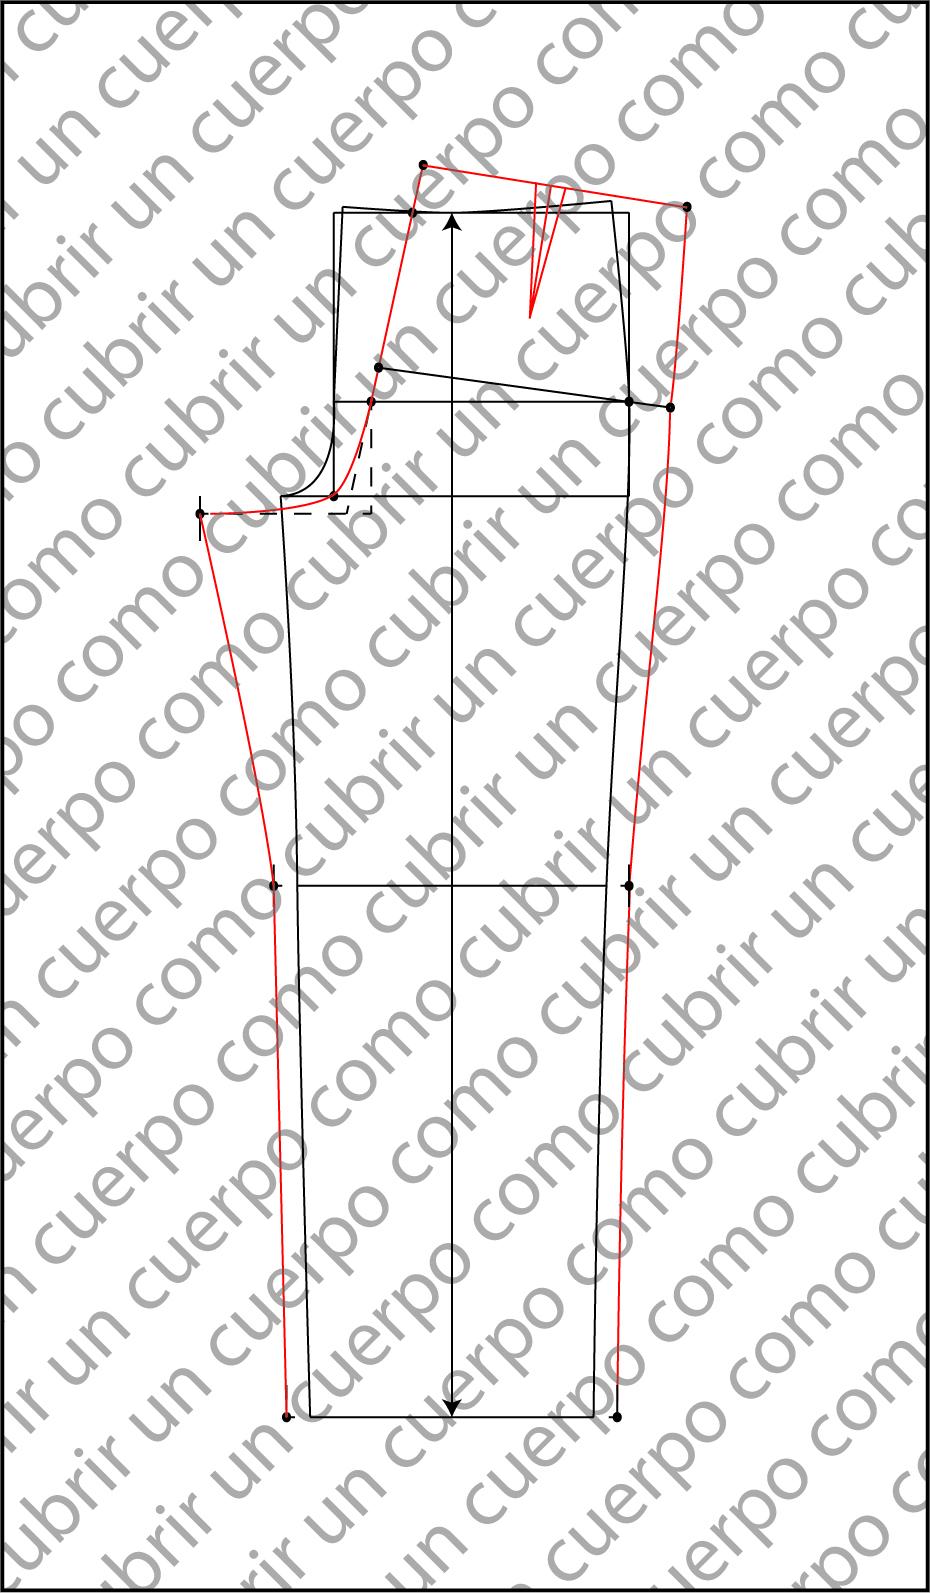 patron del pantalón | Cómo cubrir un cuerpo | Página 2